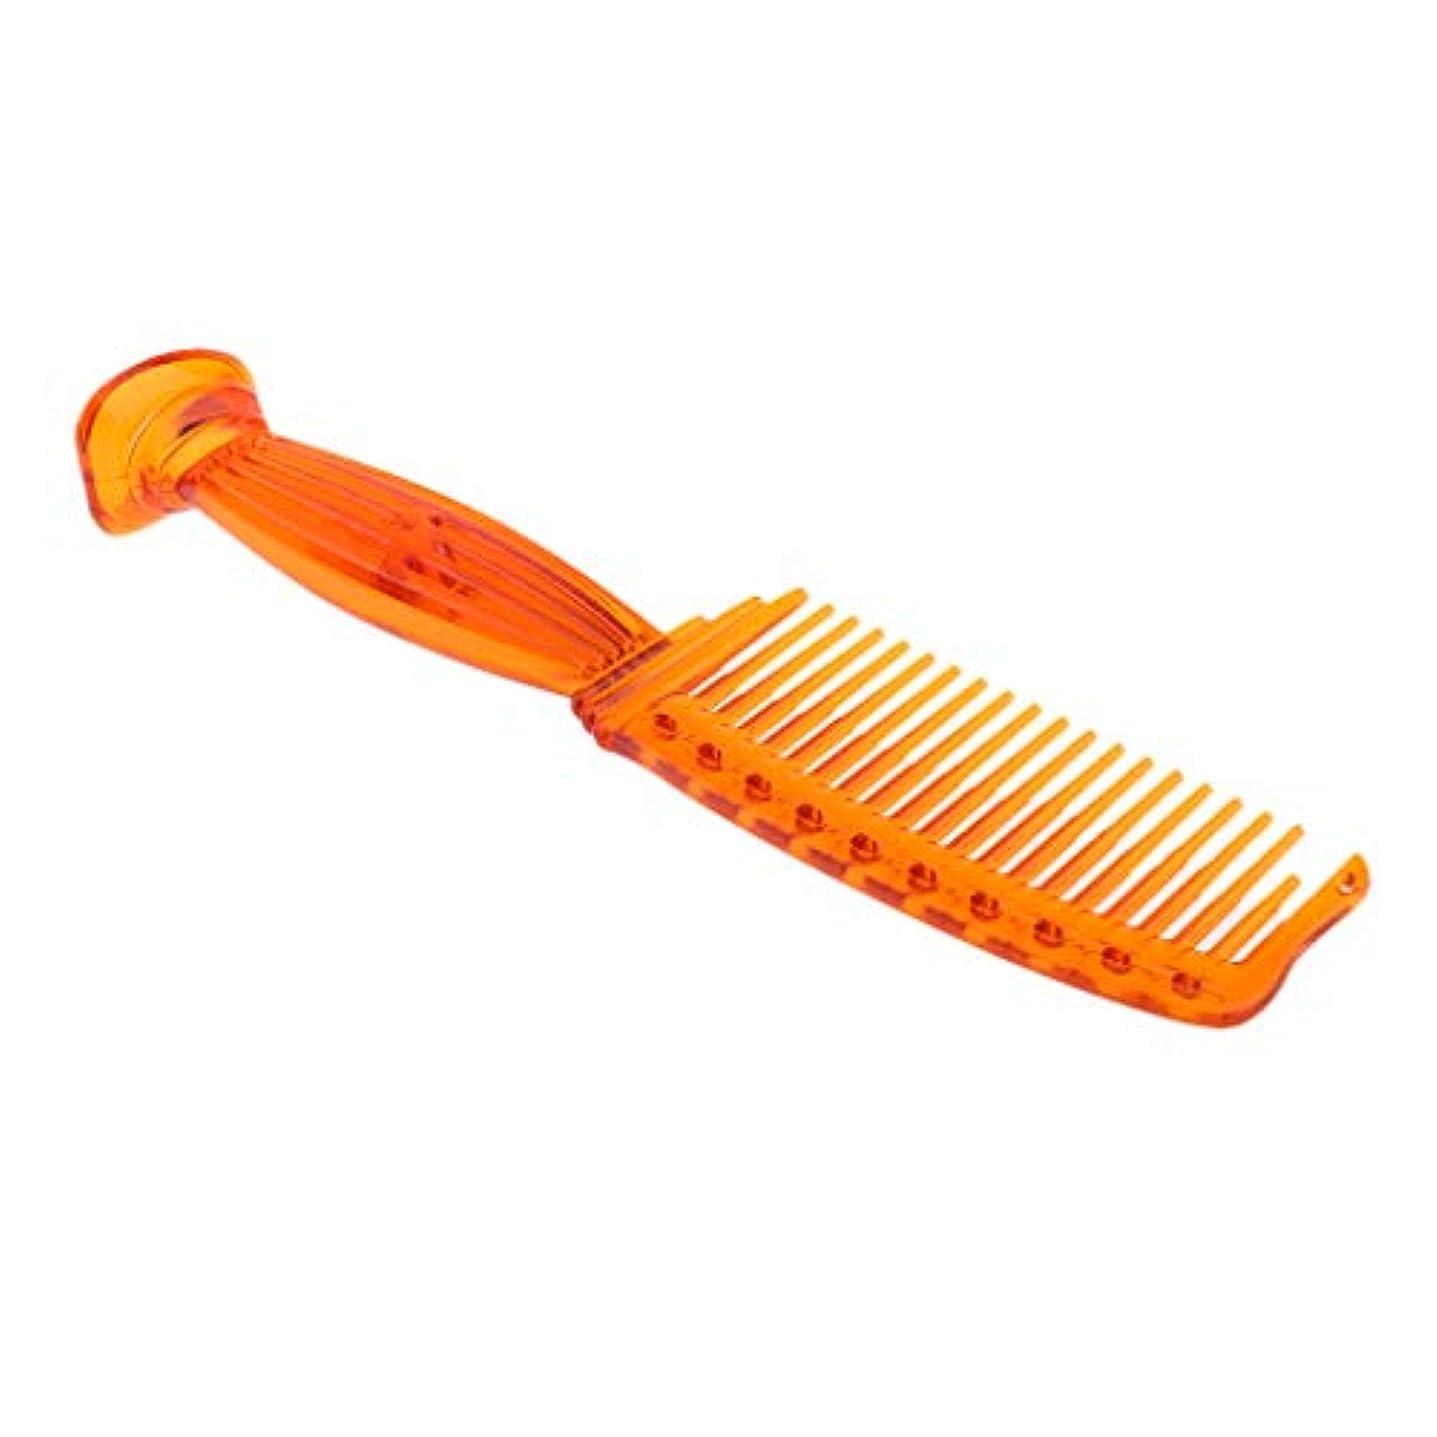 周辺ストライク仕事SM SunniMix ヘアコーム ヘアブラシ ワイド歯 プラスチック プロ ヘアサロン 理髪師 全5色選べ - オレンジ